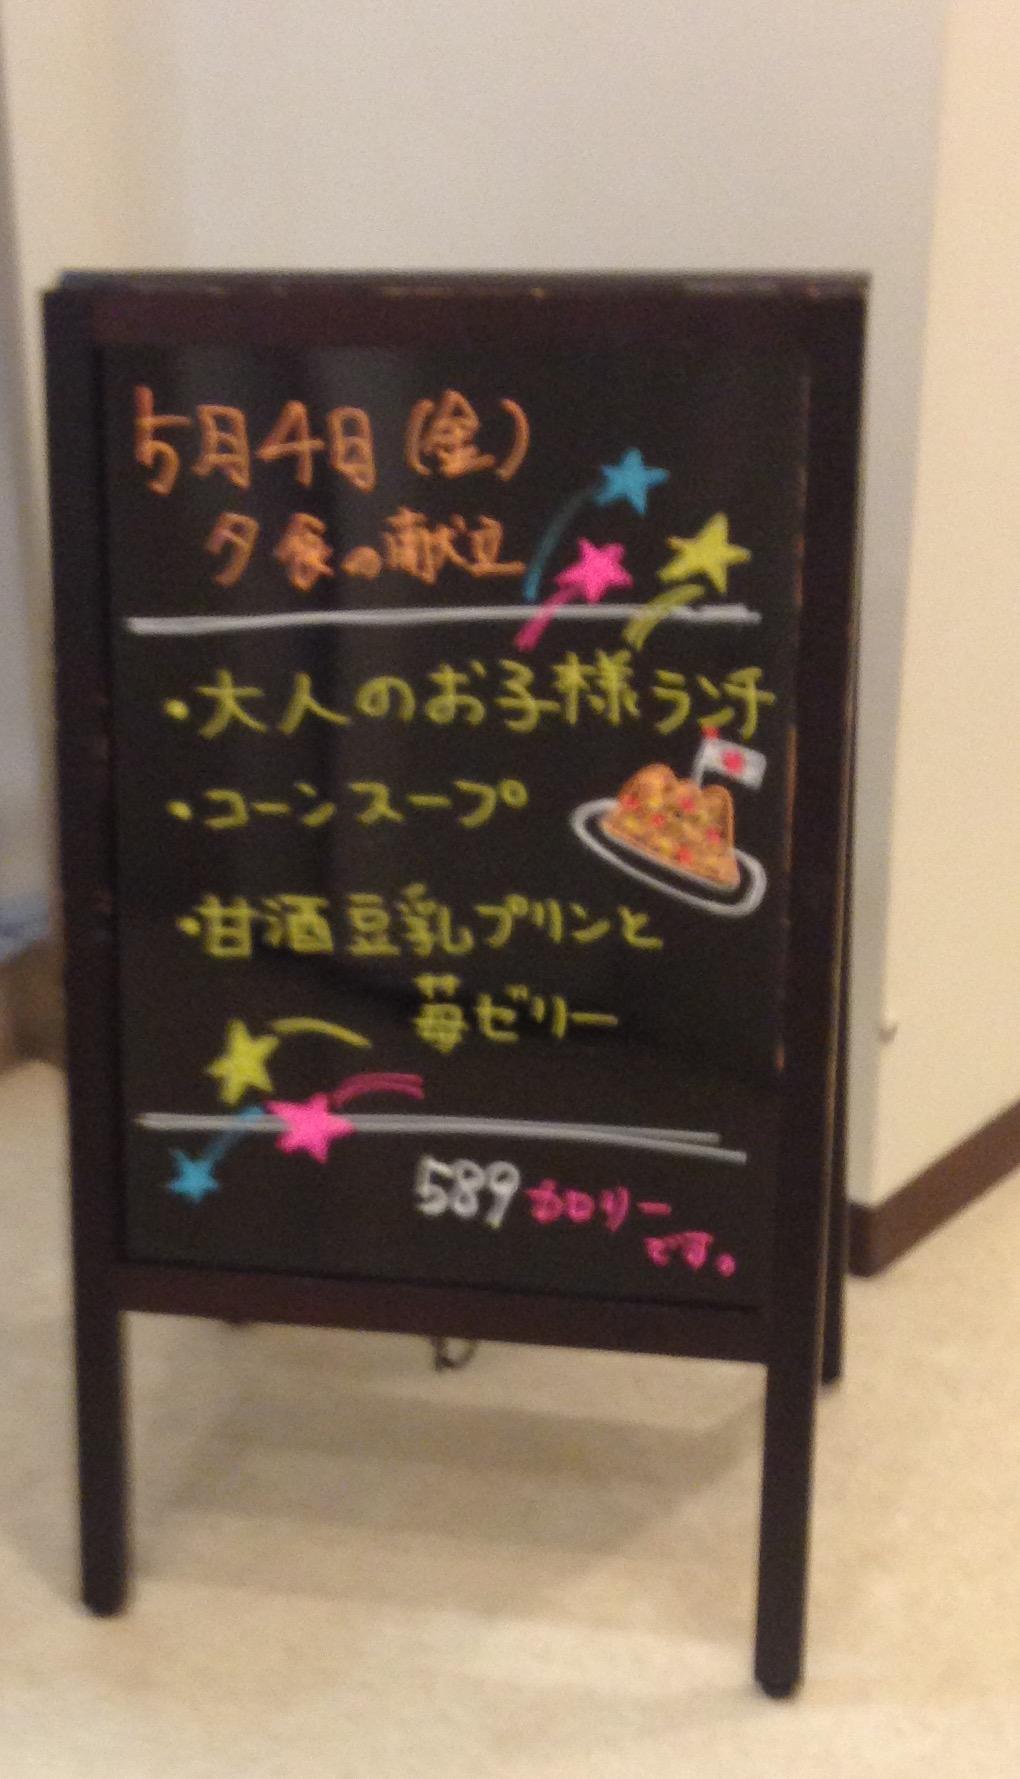 食堂グレイプスホールにはメニューボード。